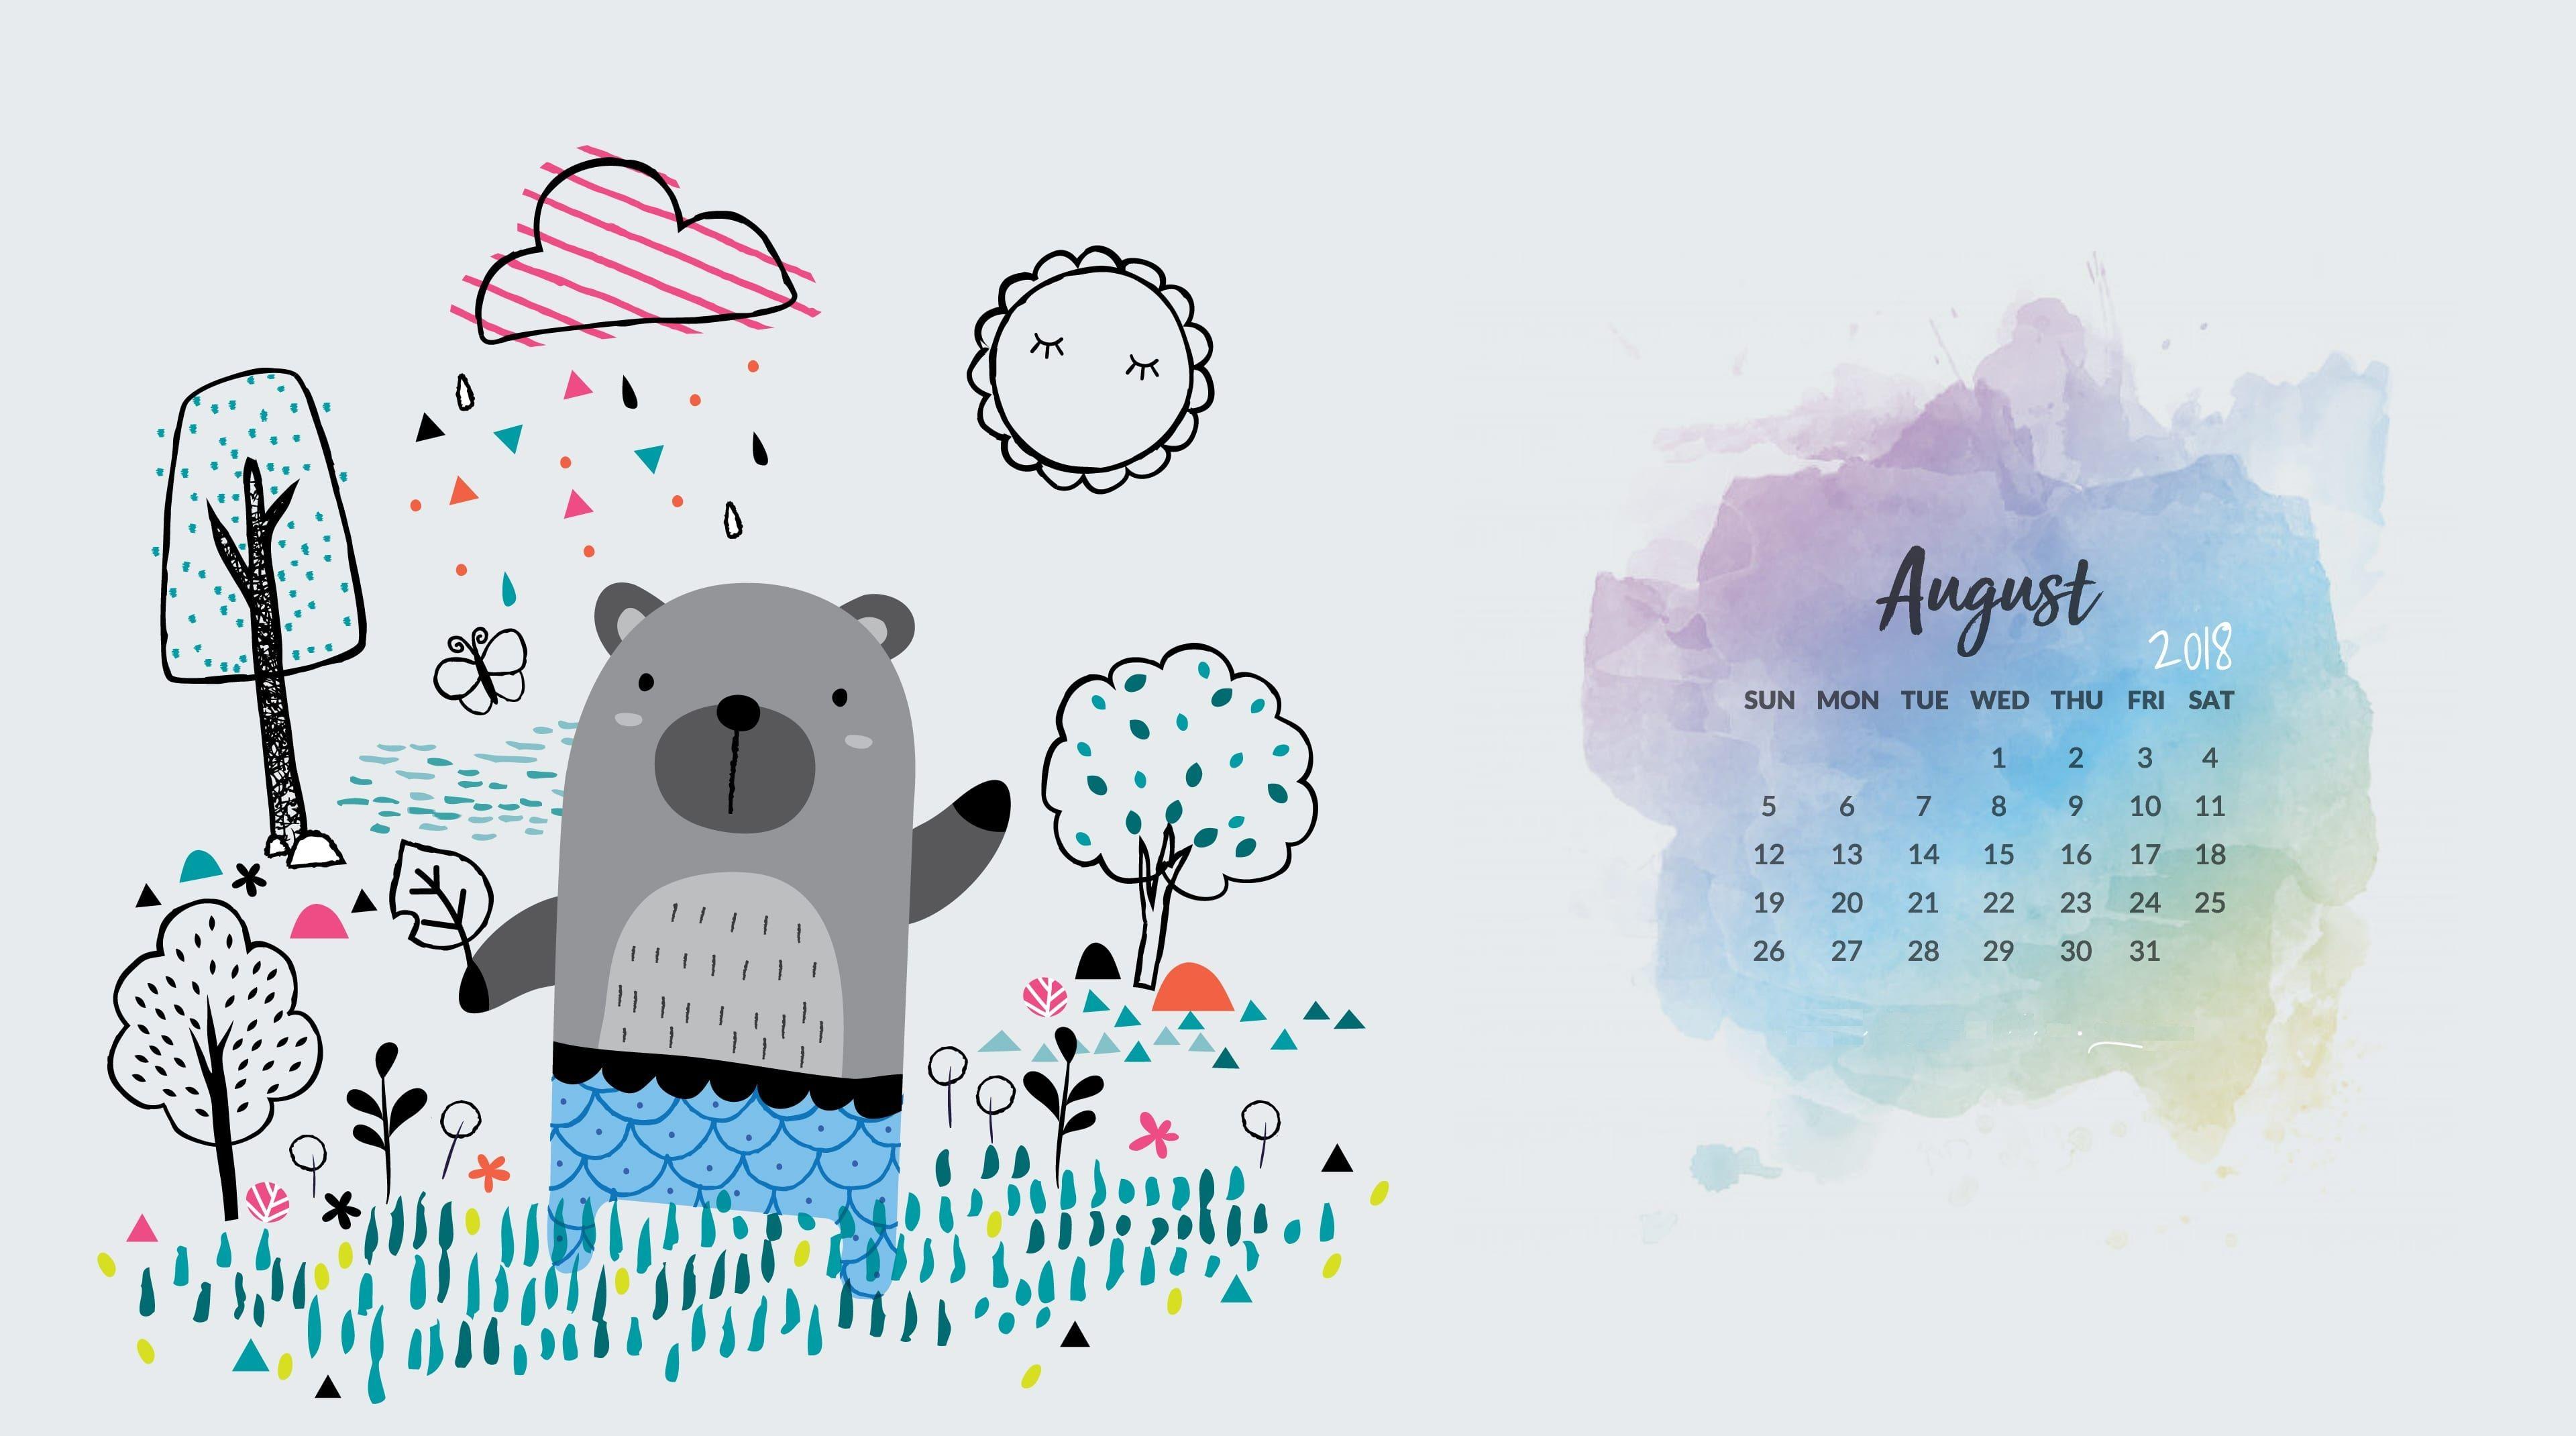 August 2019 Desktop Calendar Wallpaper Cute Monthly